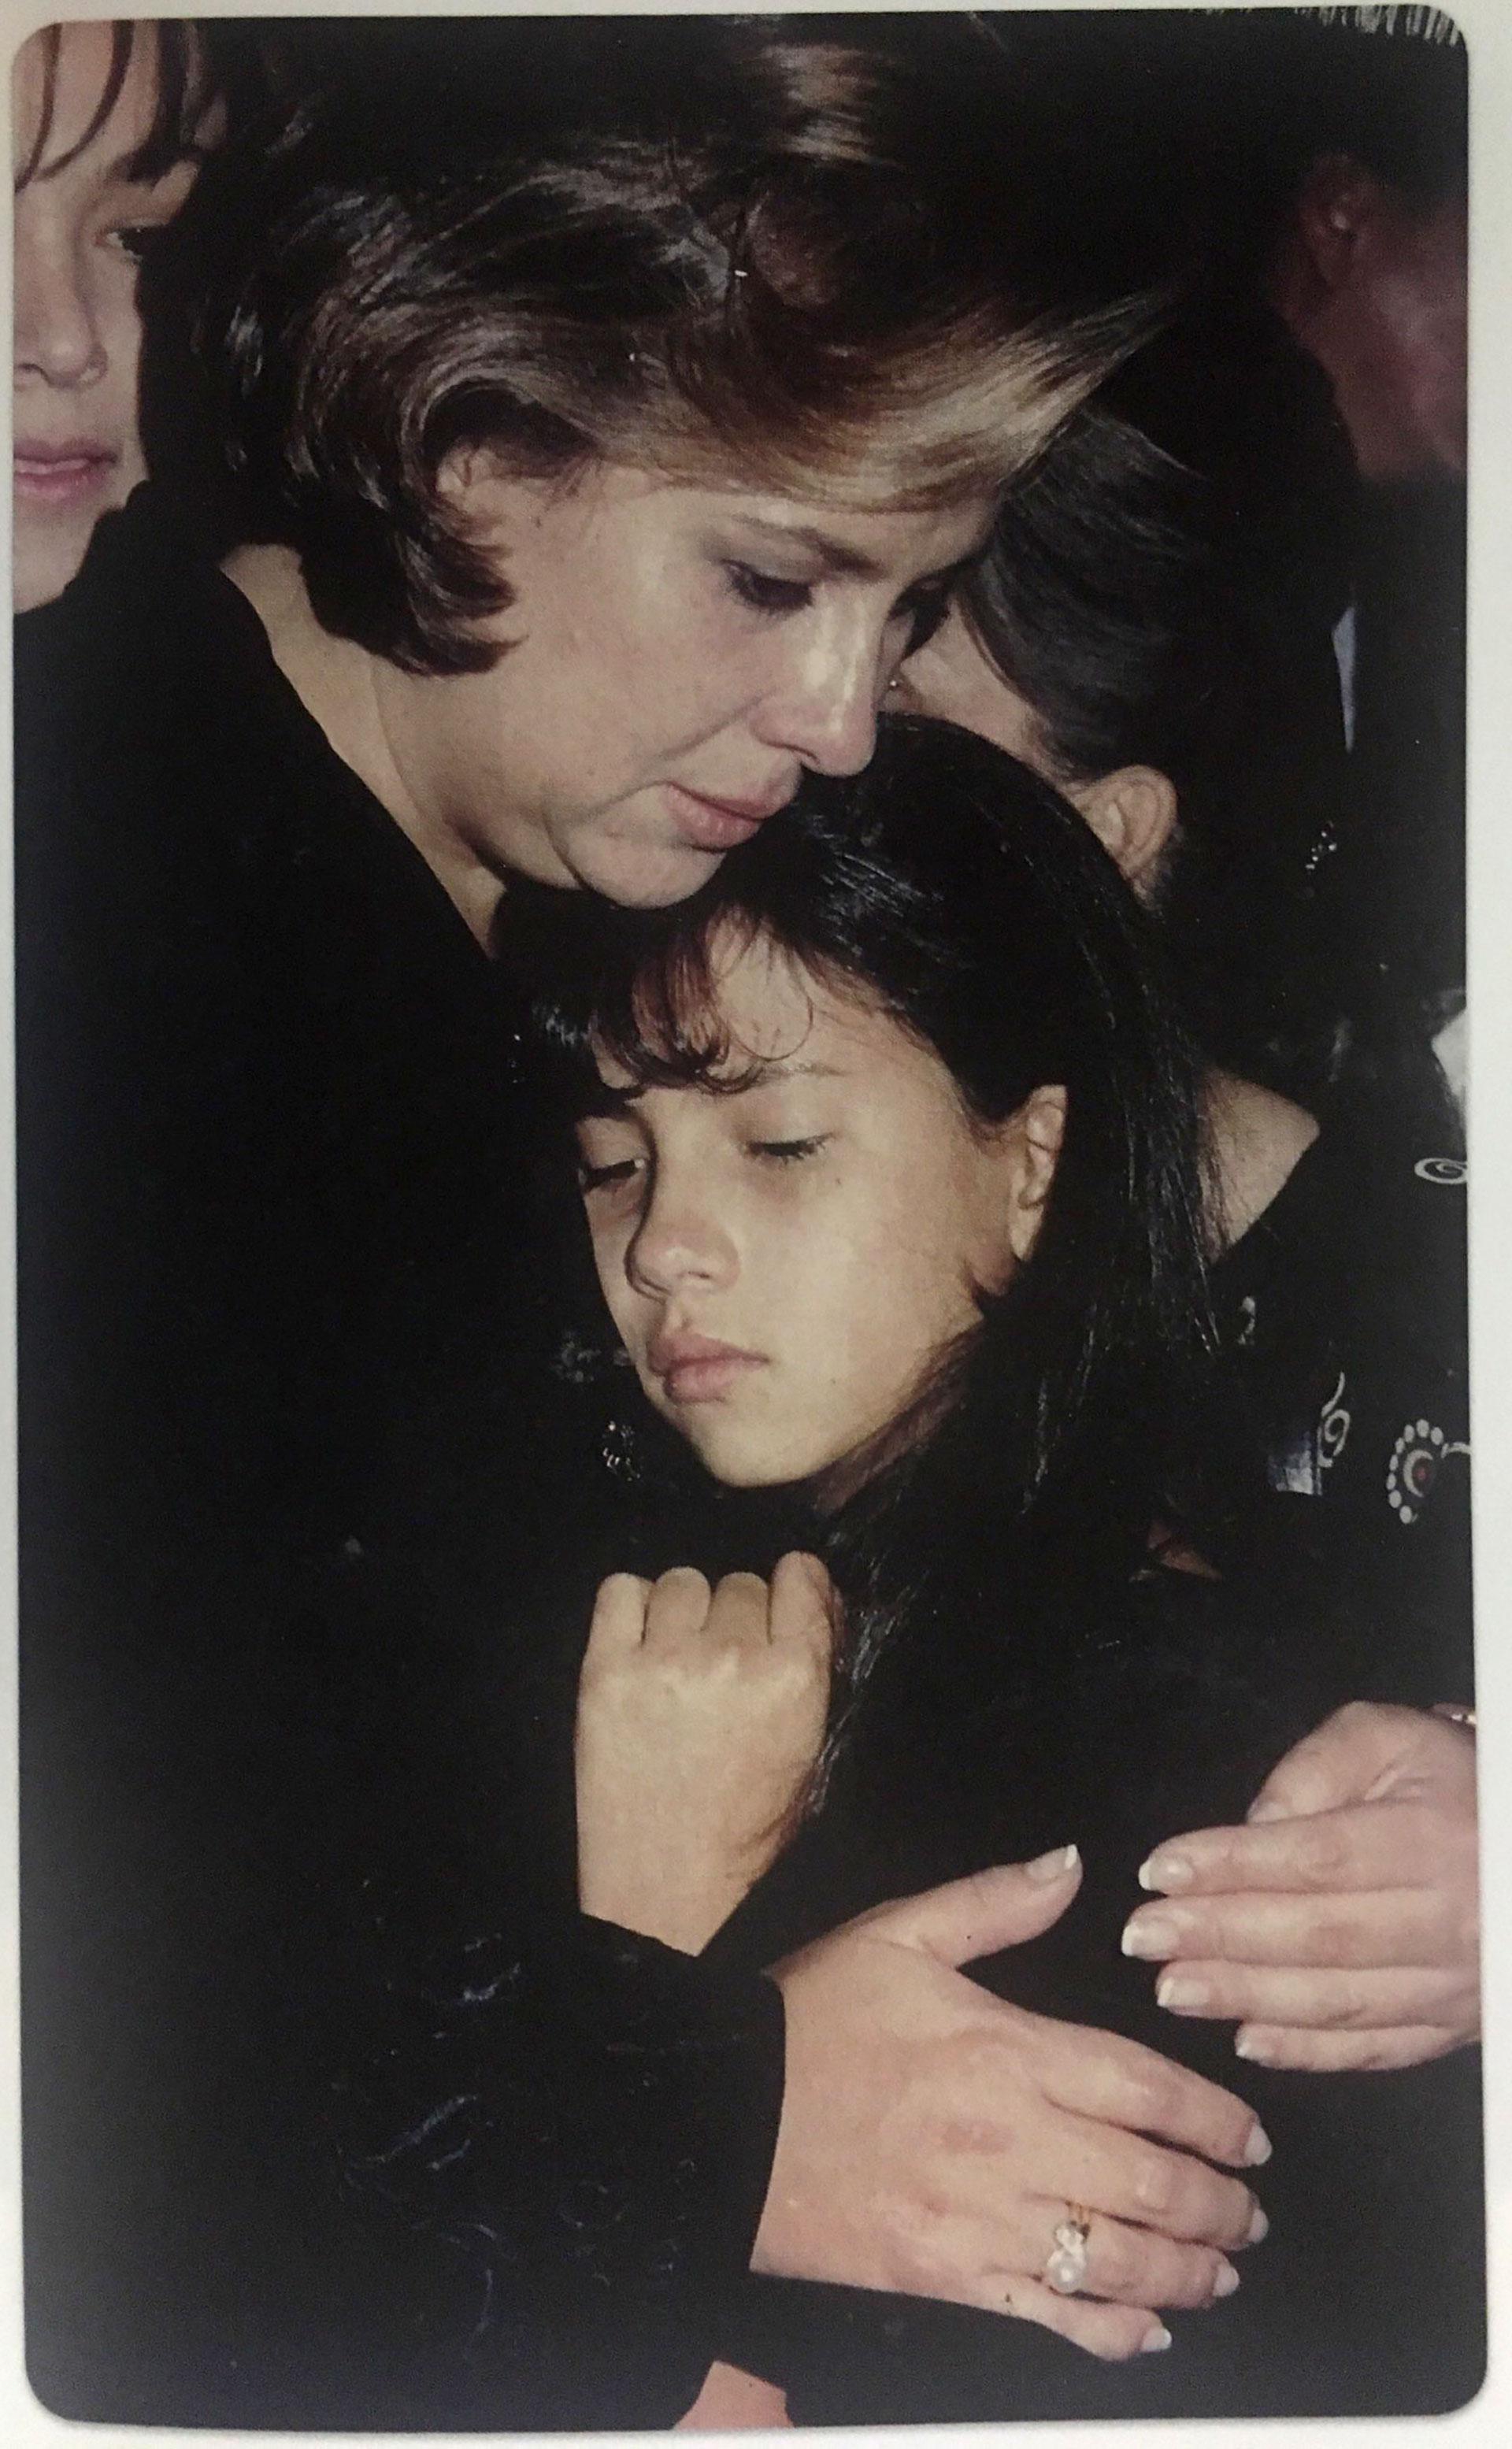 Victoria Henao con su hija Manuela, en el primer aniversario de la muerte del jefe del Cartel de Medellín (Victoria Eugenia Henao / Editorial Planeta)